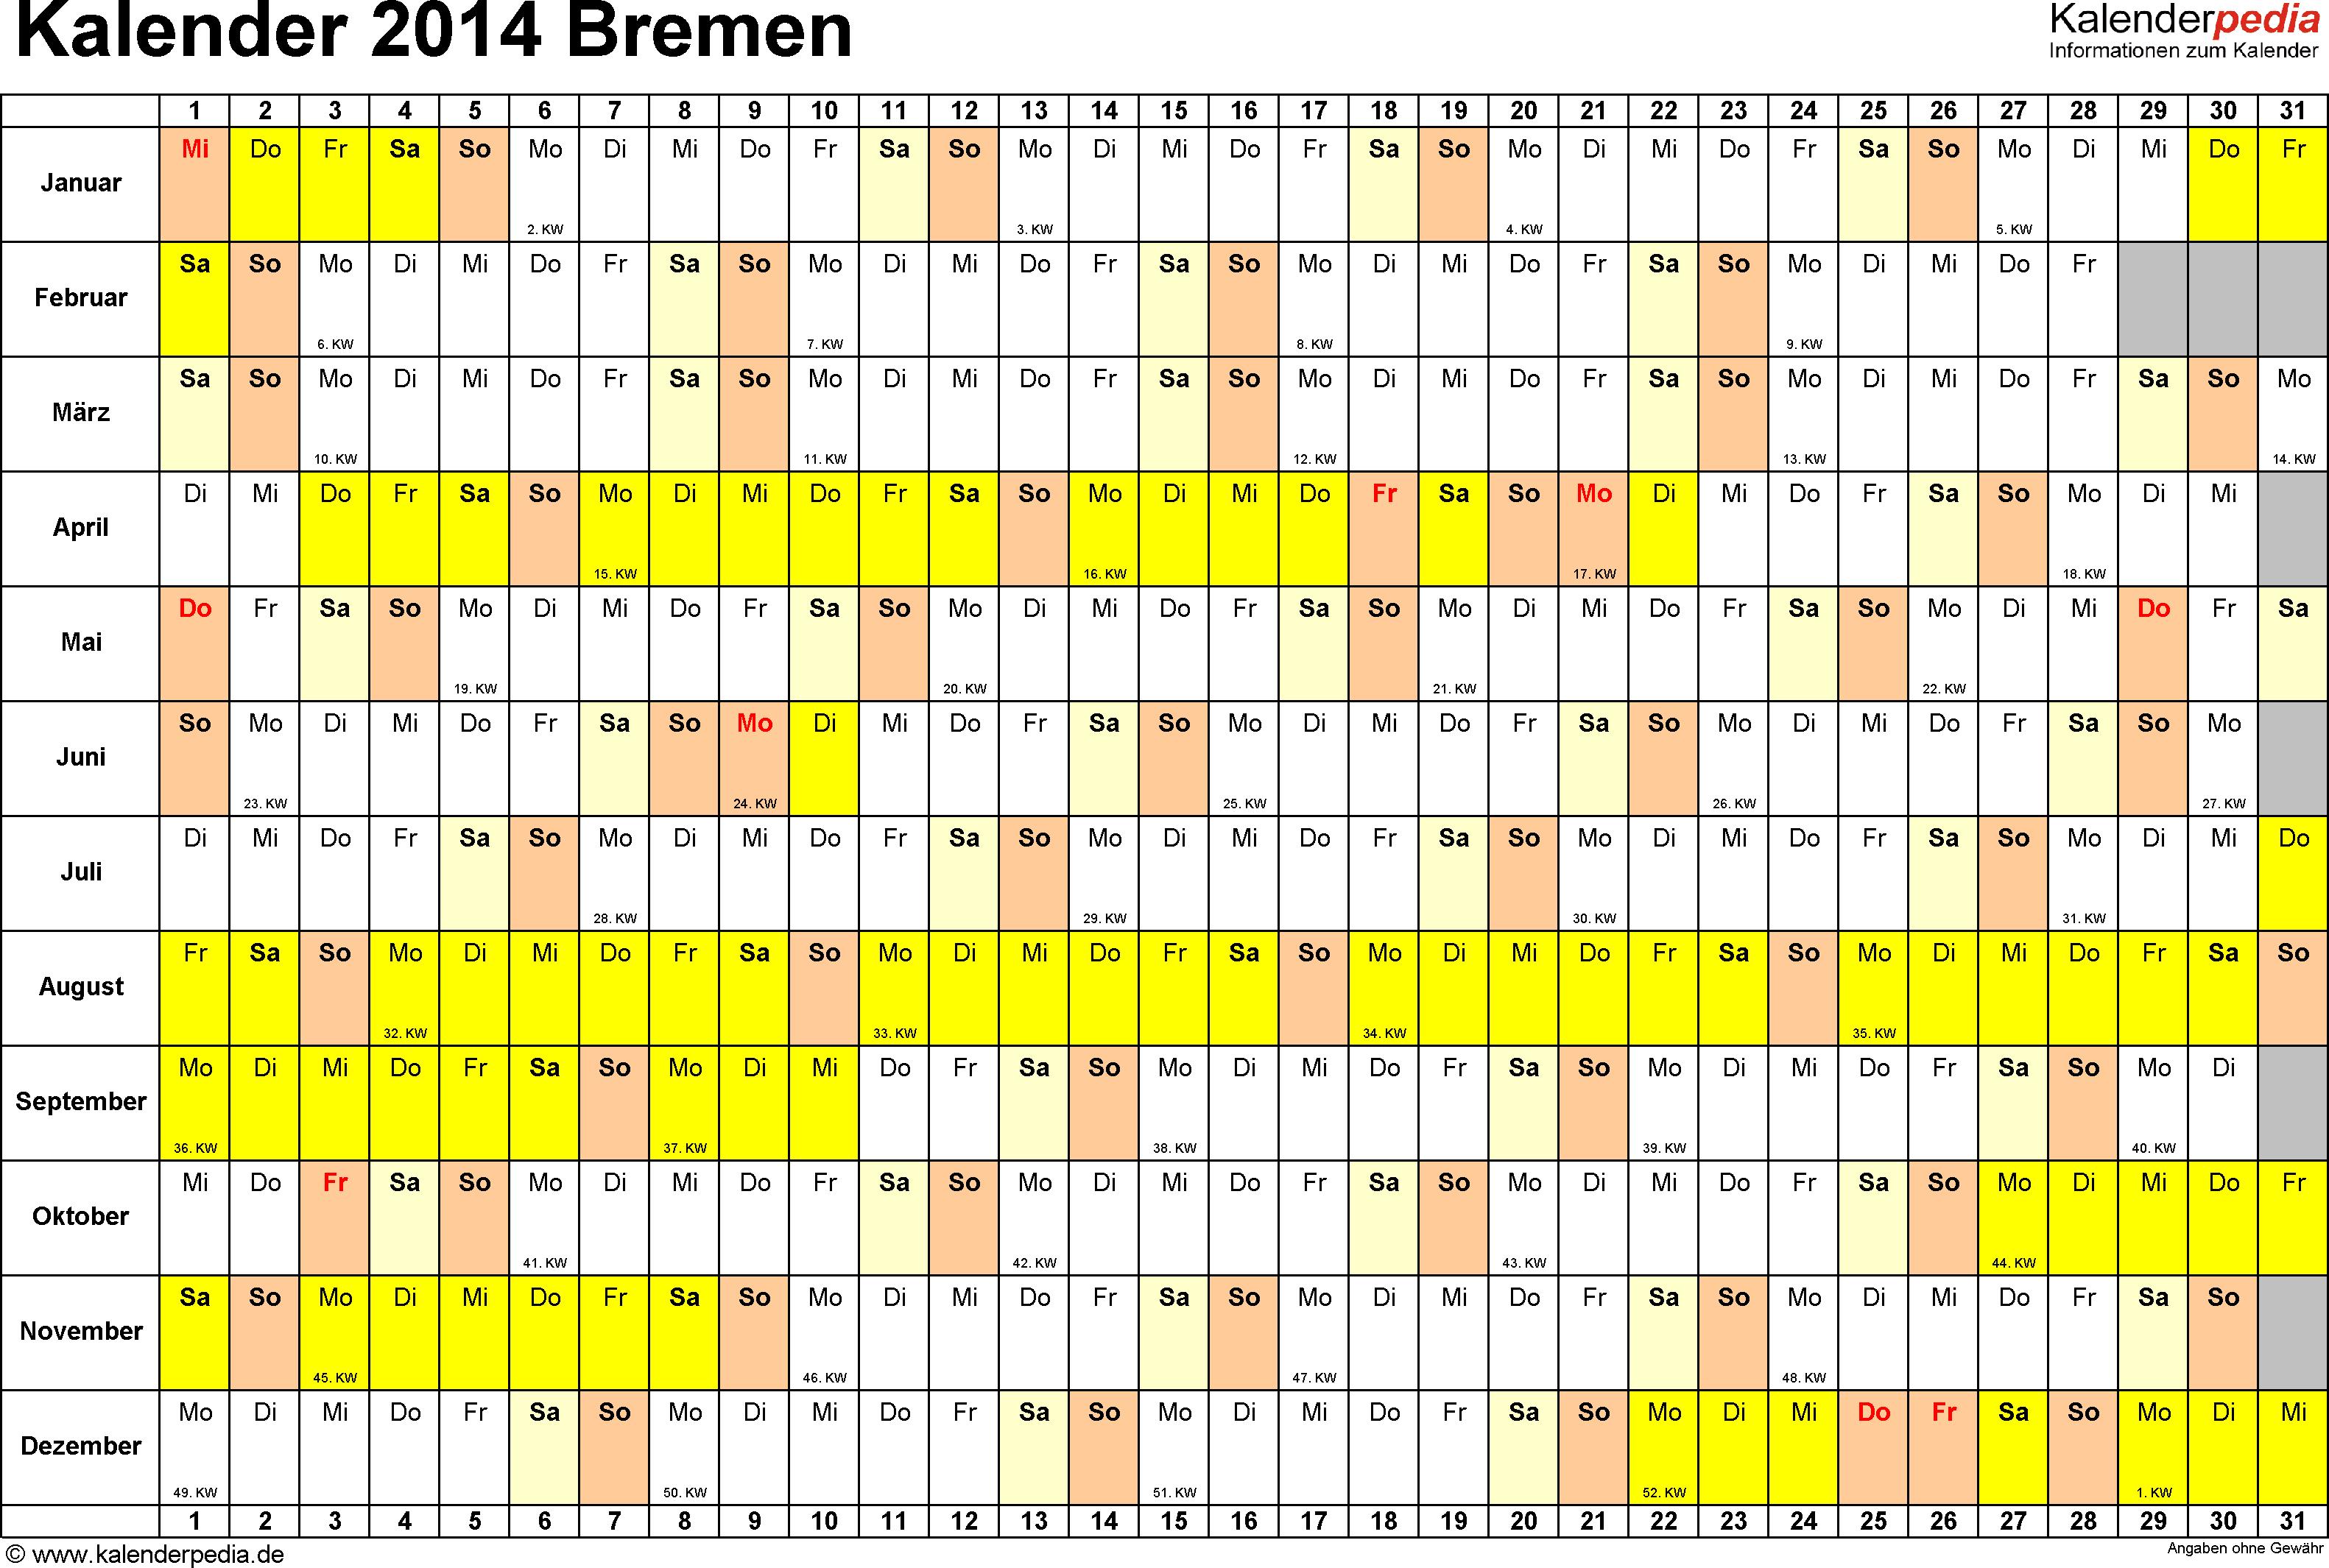 Vorlage 2: Kalender Bremen 2014 im Querformat, Tage nebeneinander